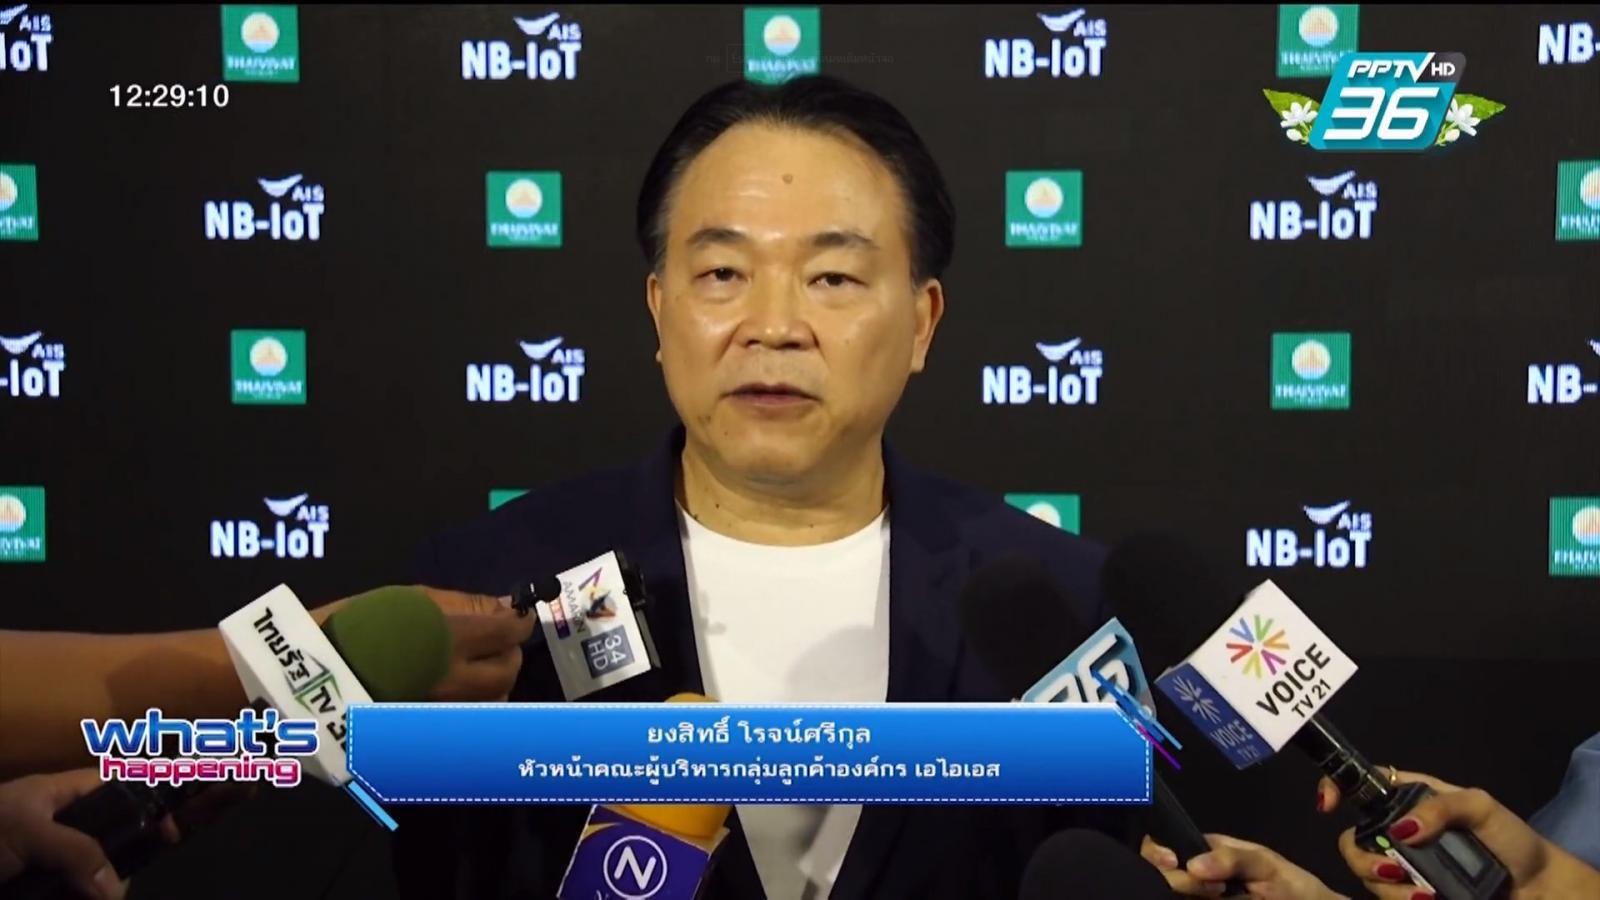 เอไอเอส และ ประกันภัยไทยวิวัฒน์ จับมือปฏิวัติวงการธุรกิจประกันภัย